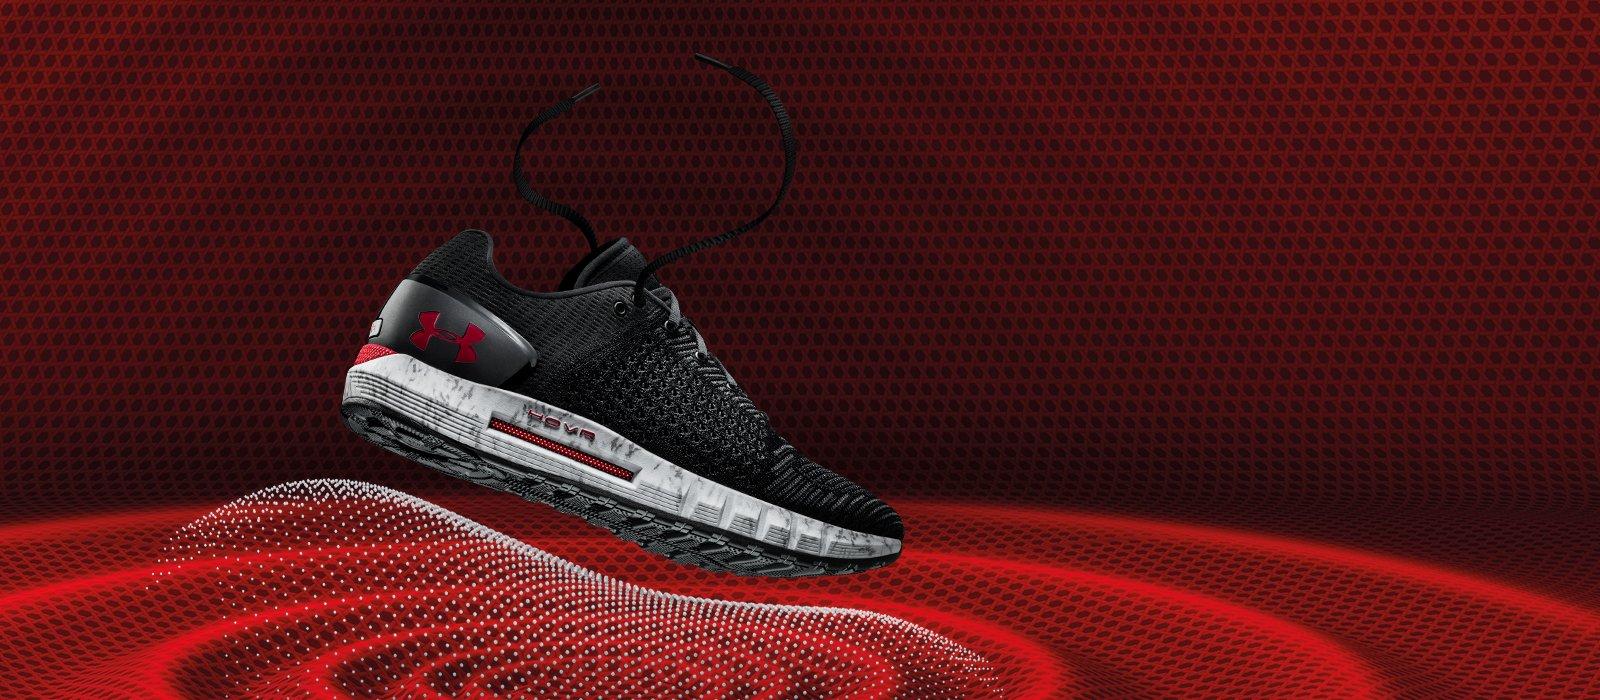 UA's foam-soled HOVR shoes.